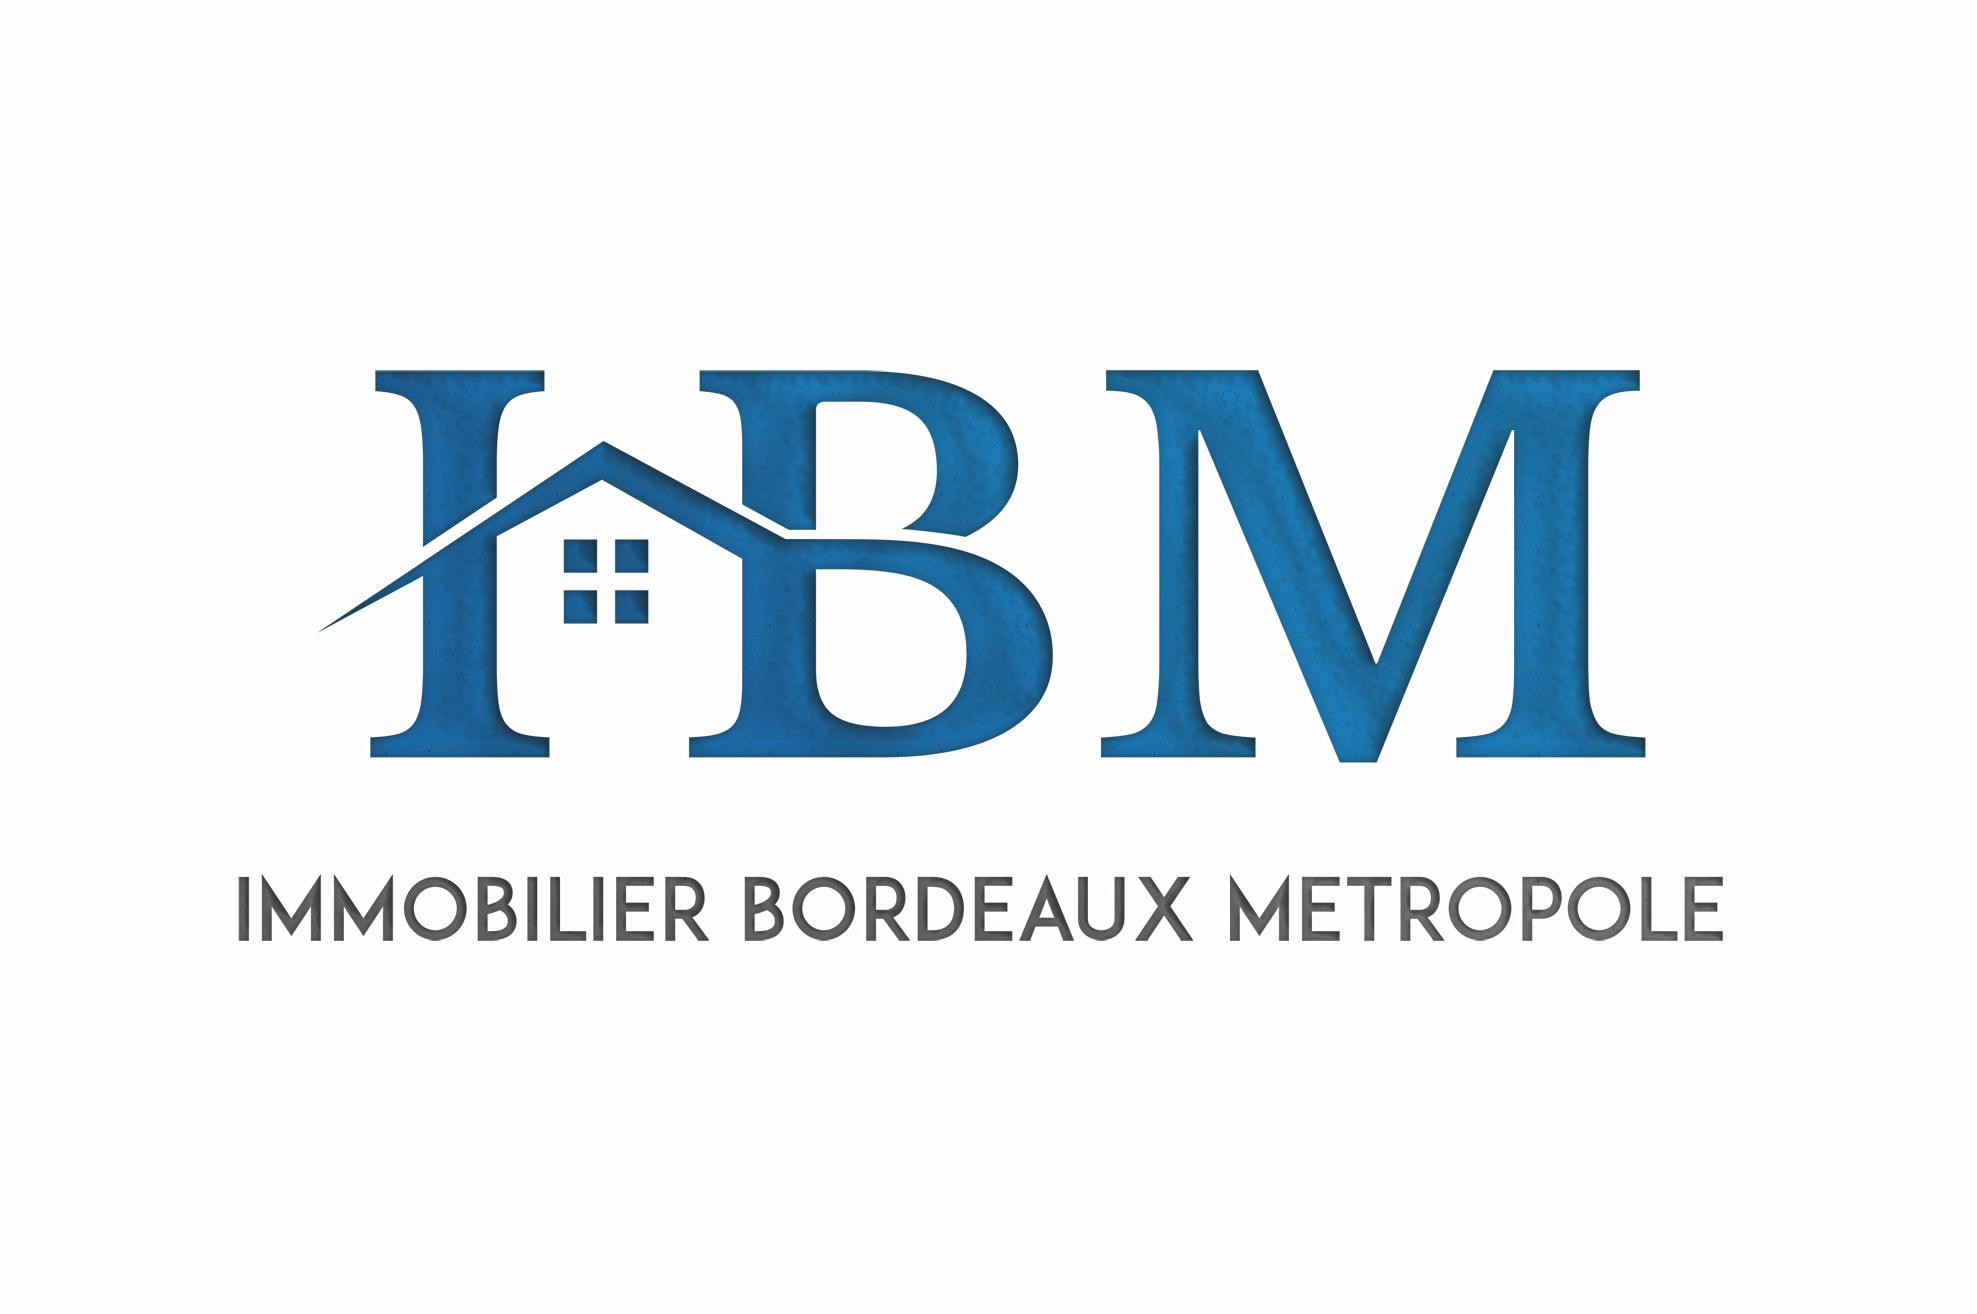 IMMOBILIER BORDEAUX METROPOLE